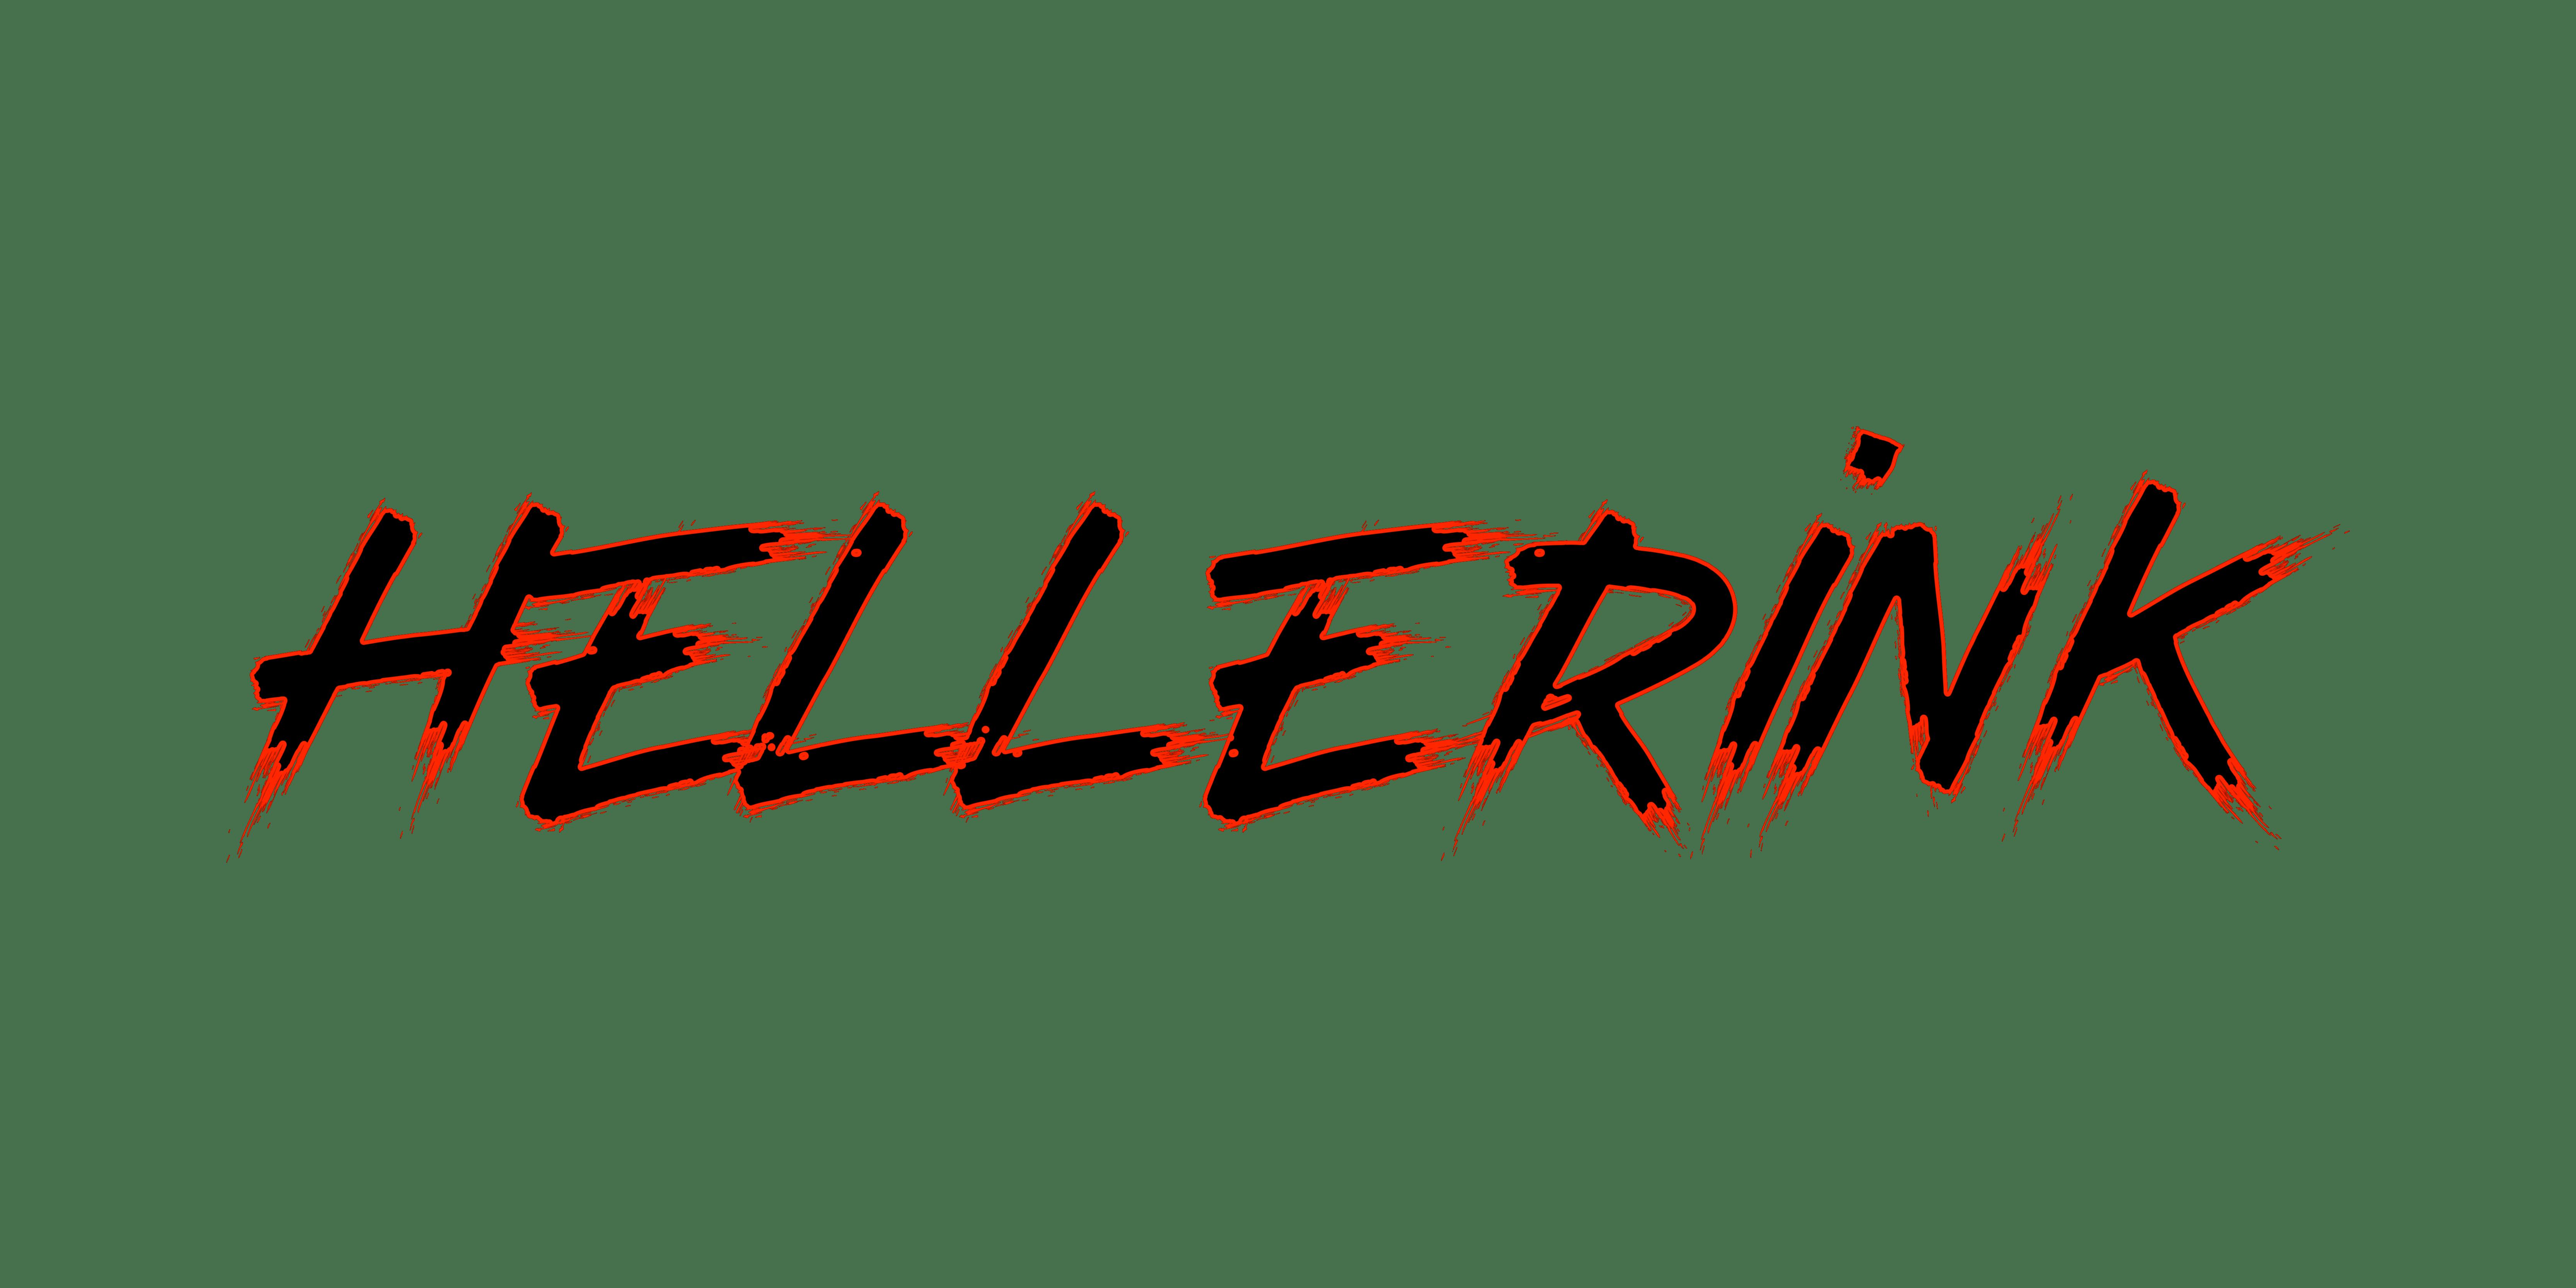 hellerink